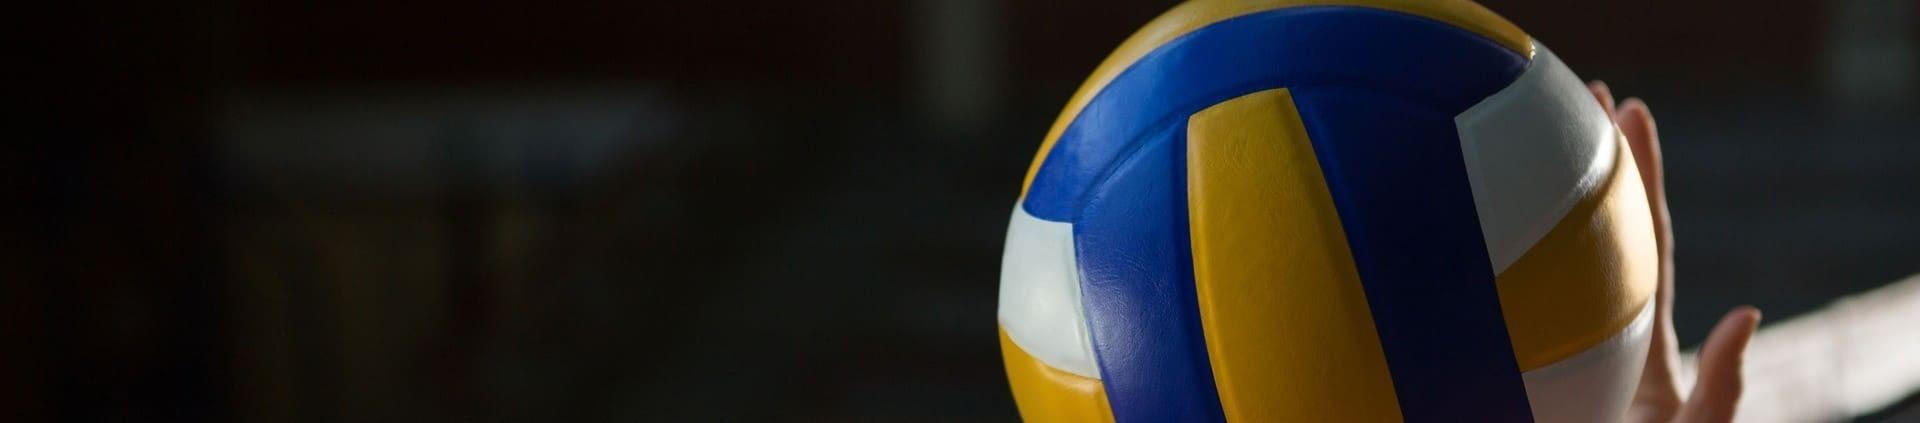 Siatkówka - wyposażenie dla siatkarzy - Powerman Sport